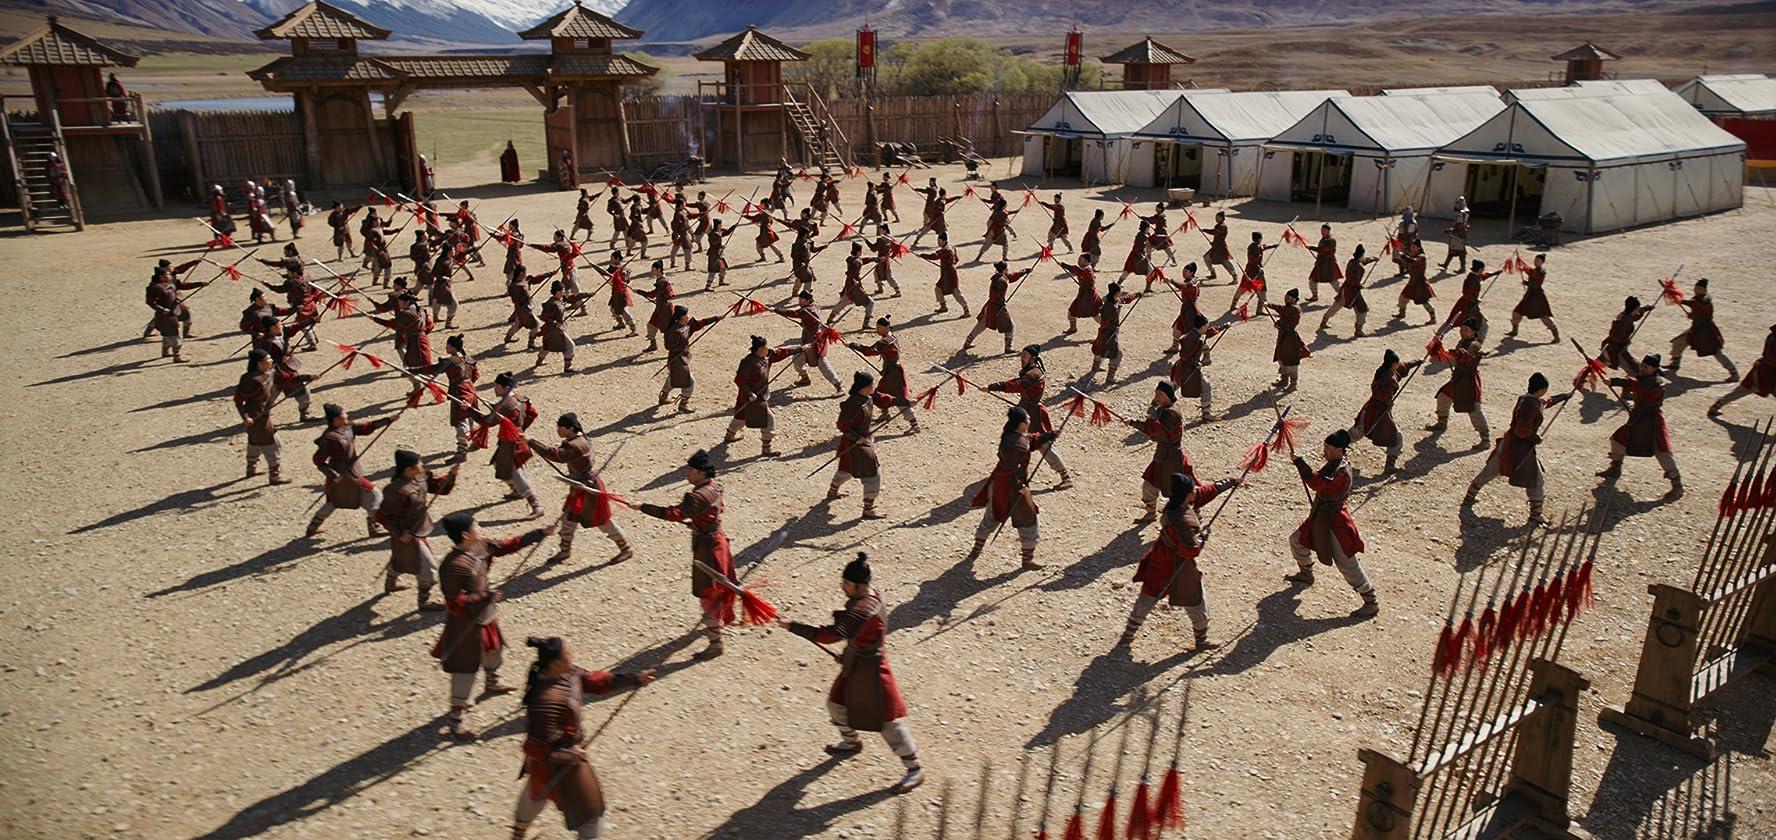 Disney weet hoe zij mensen enthousiast moeten krijgen met de Mulan teaser trailer